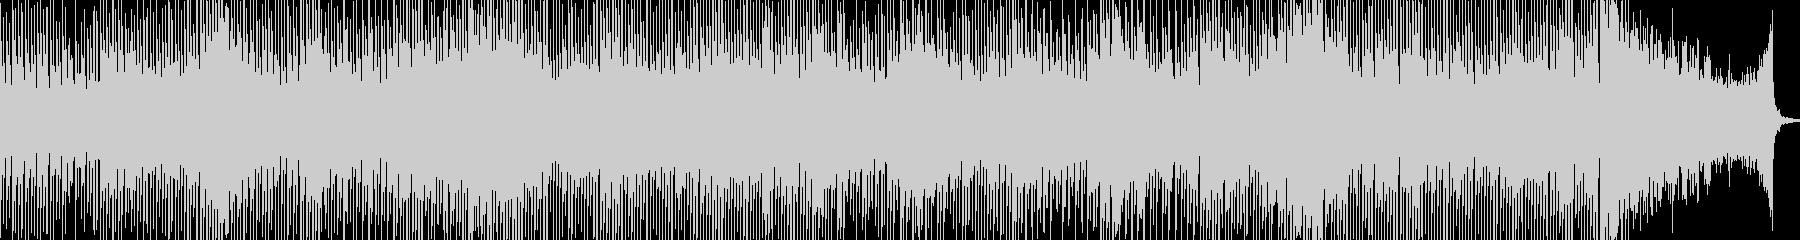 実験的な アクティブ 明るい ほの...の未再生の波形